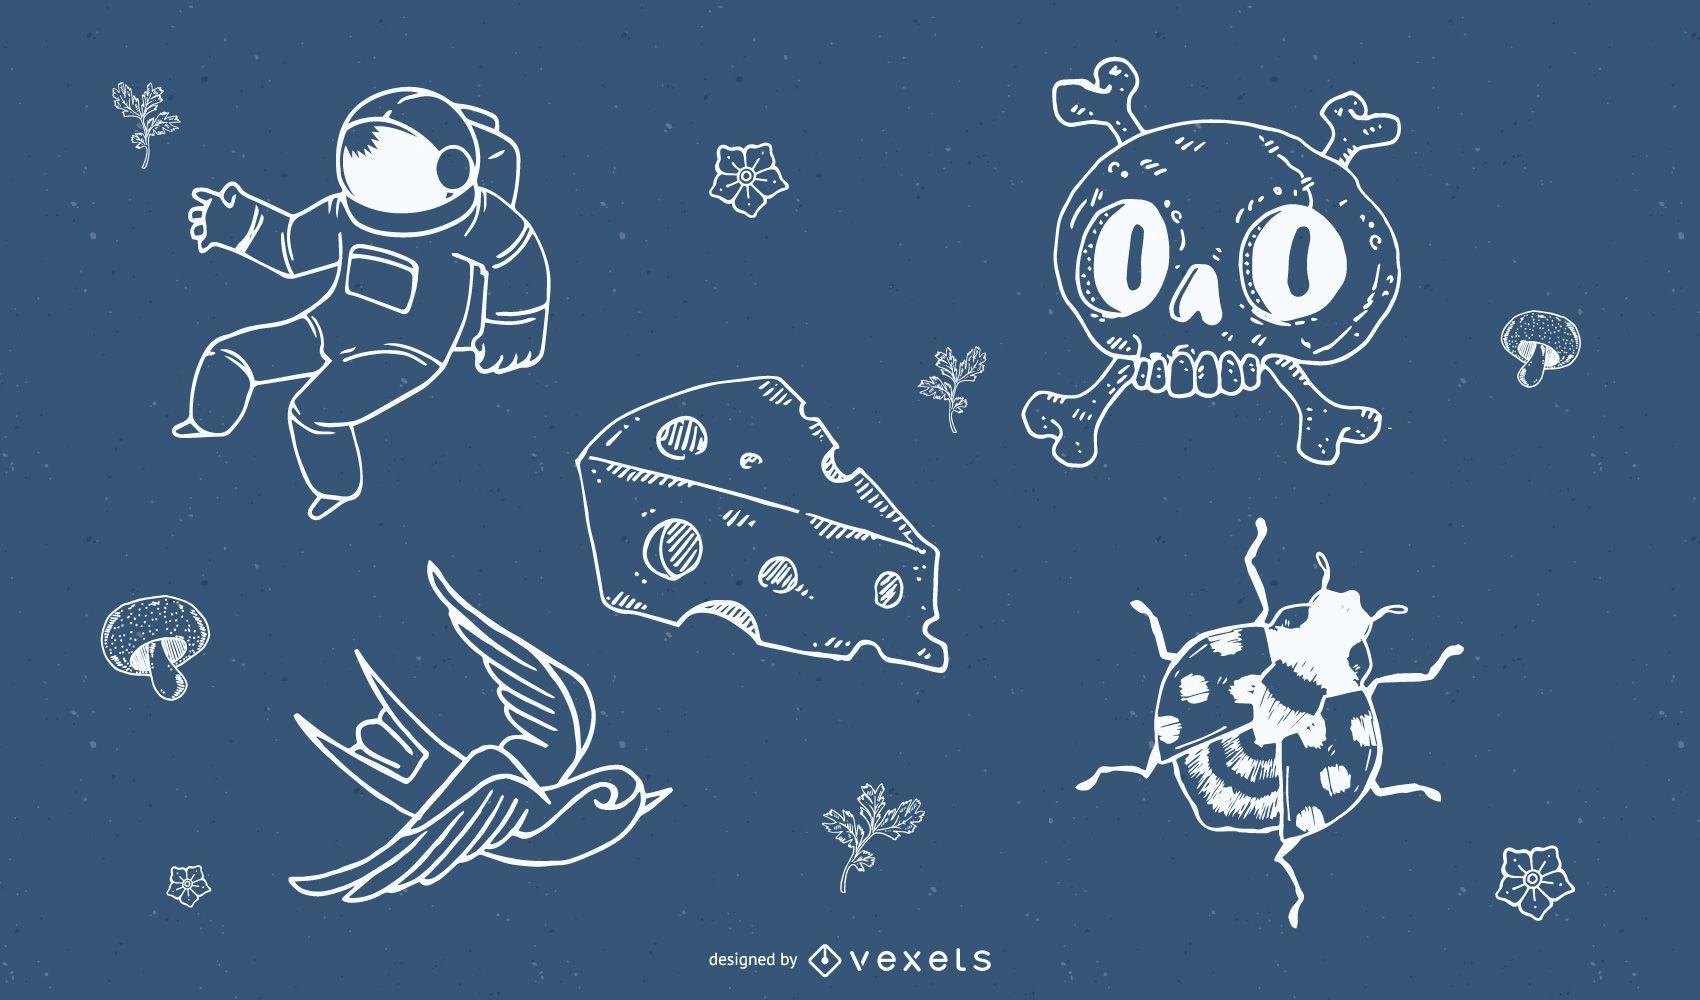 random vectors & doodles